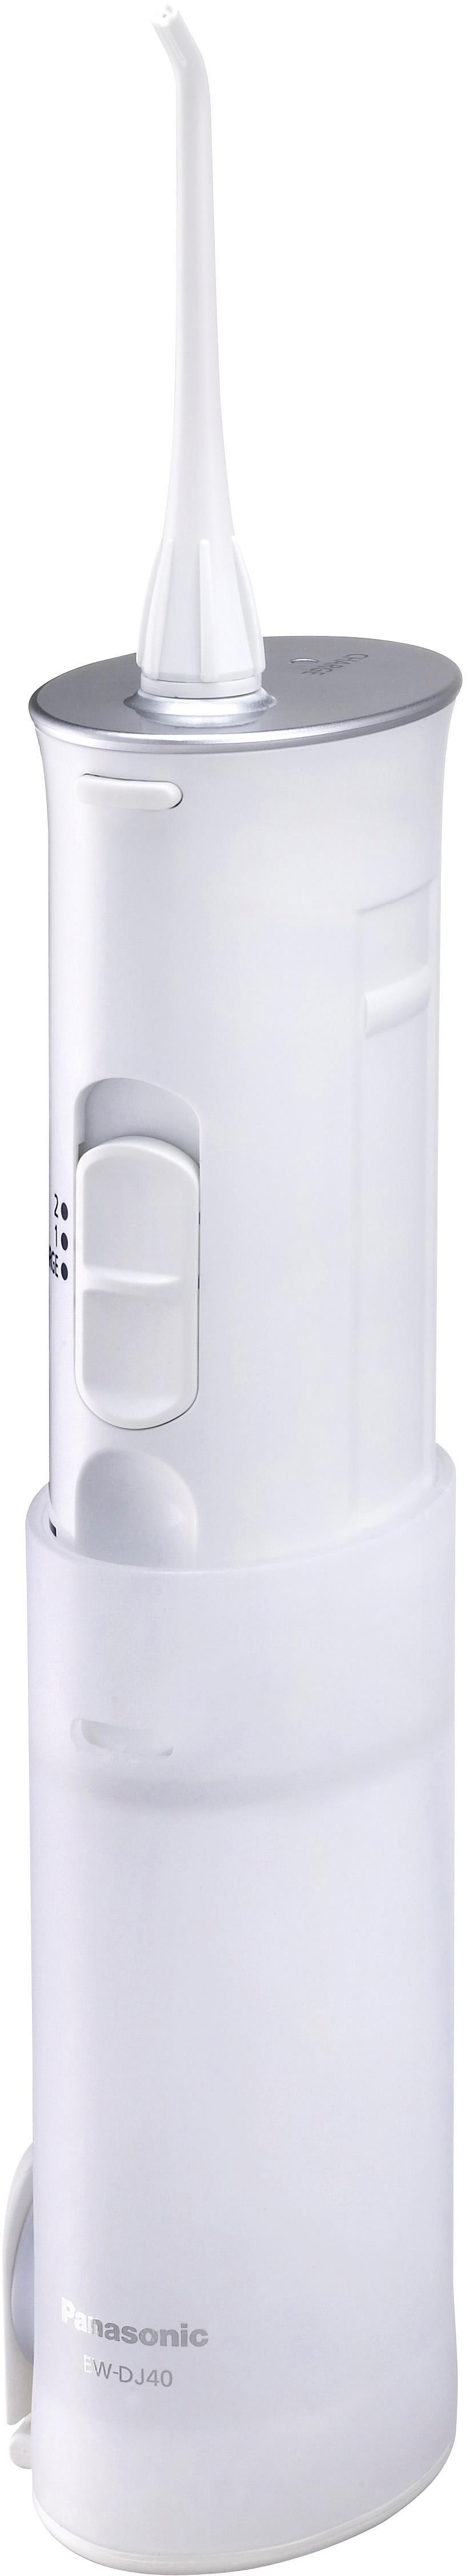 Panasonic monddouche EW-DJ40-W503 - verschillende betaalmethodes